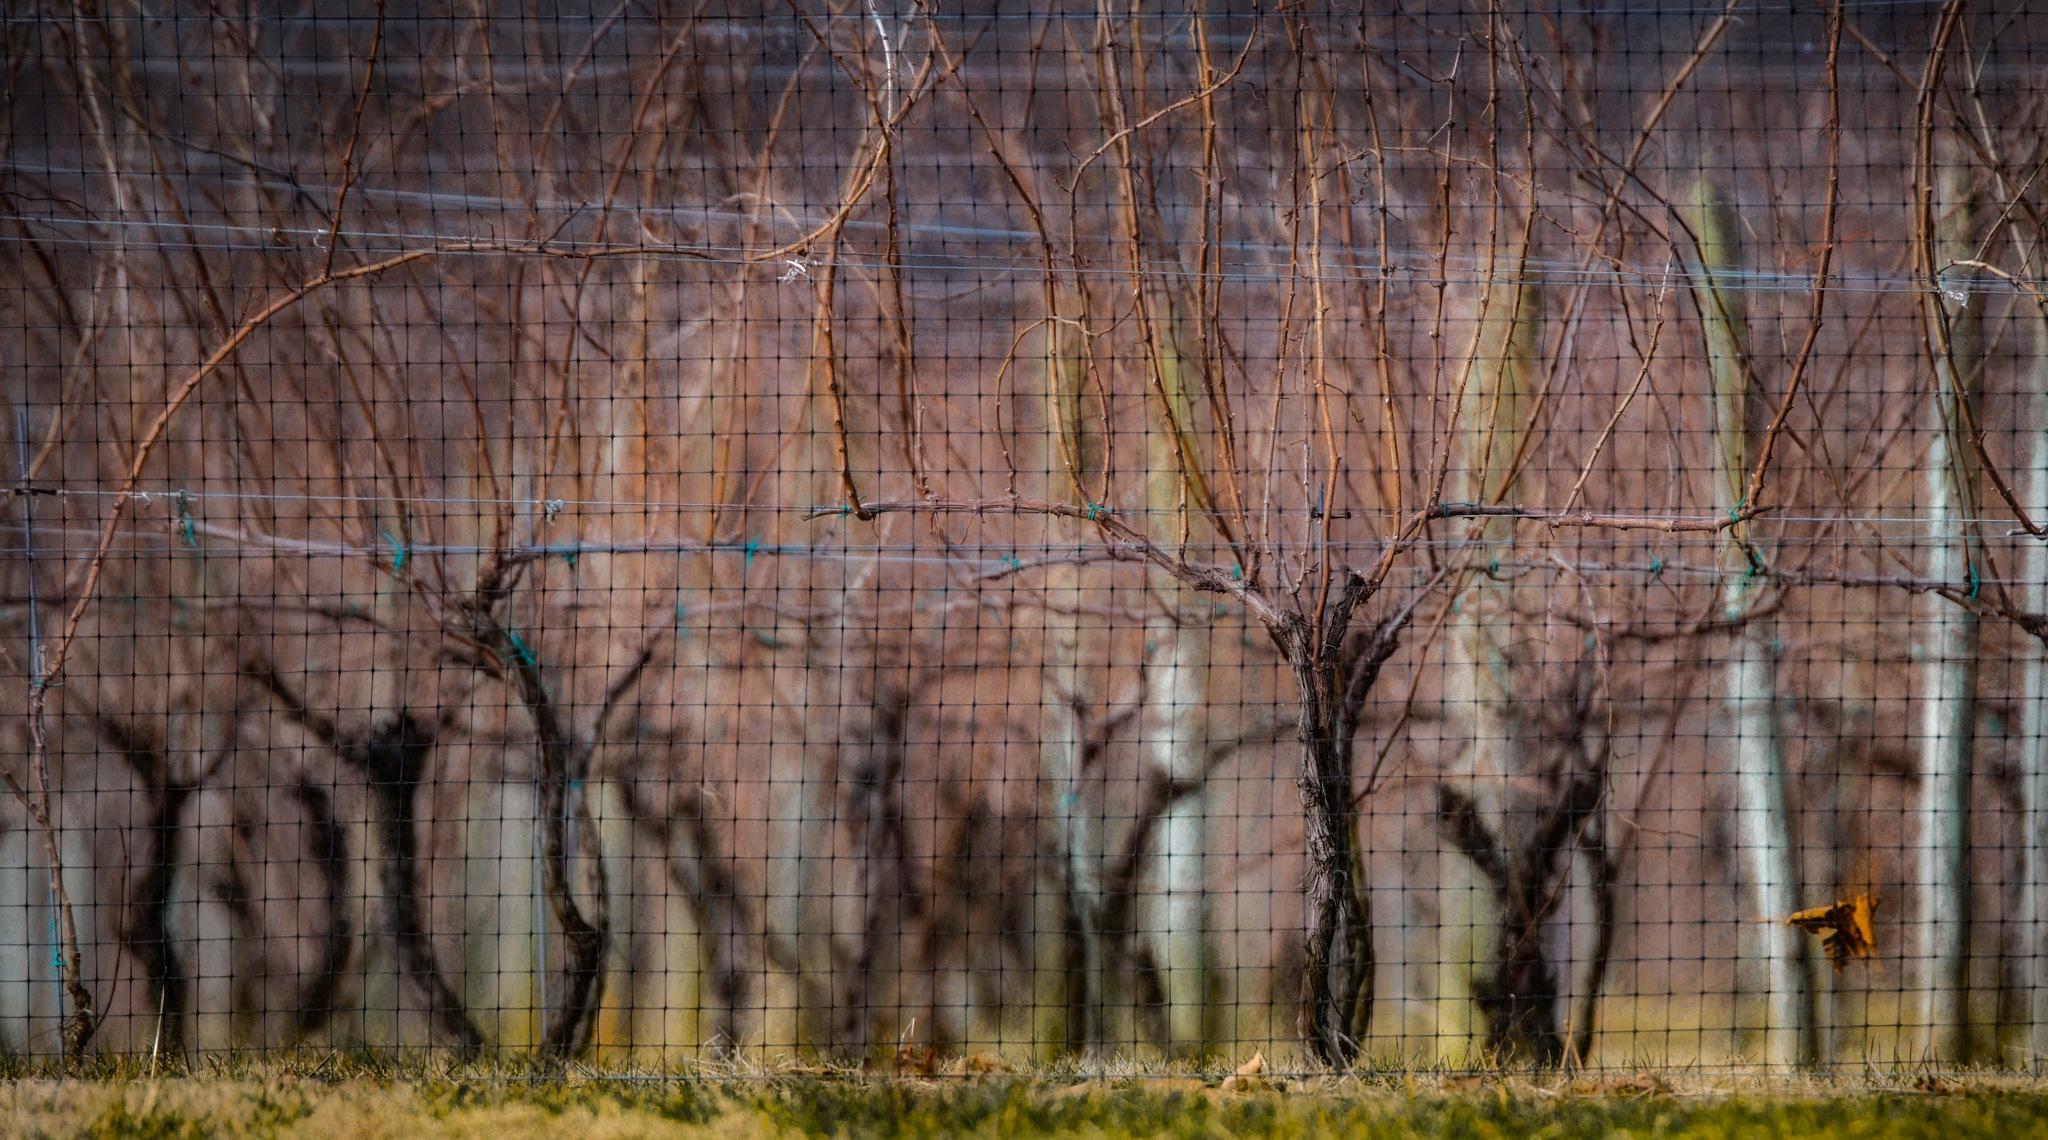 De Vine by JohnEllingson